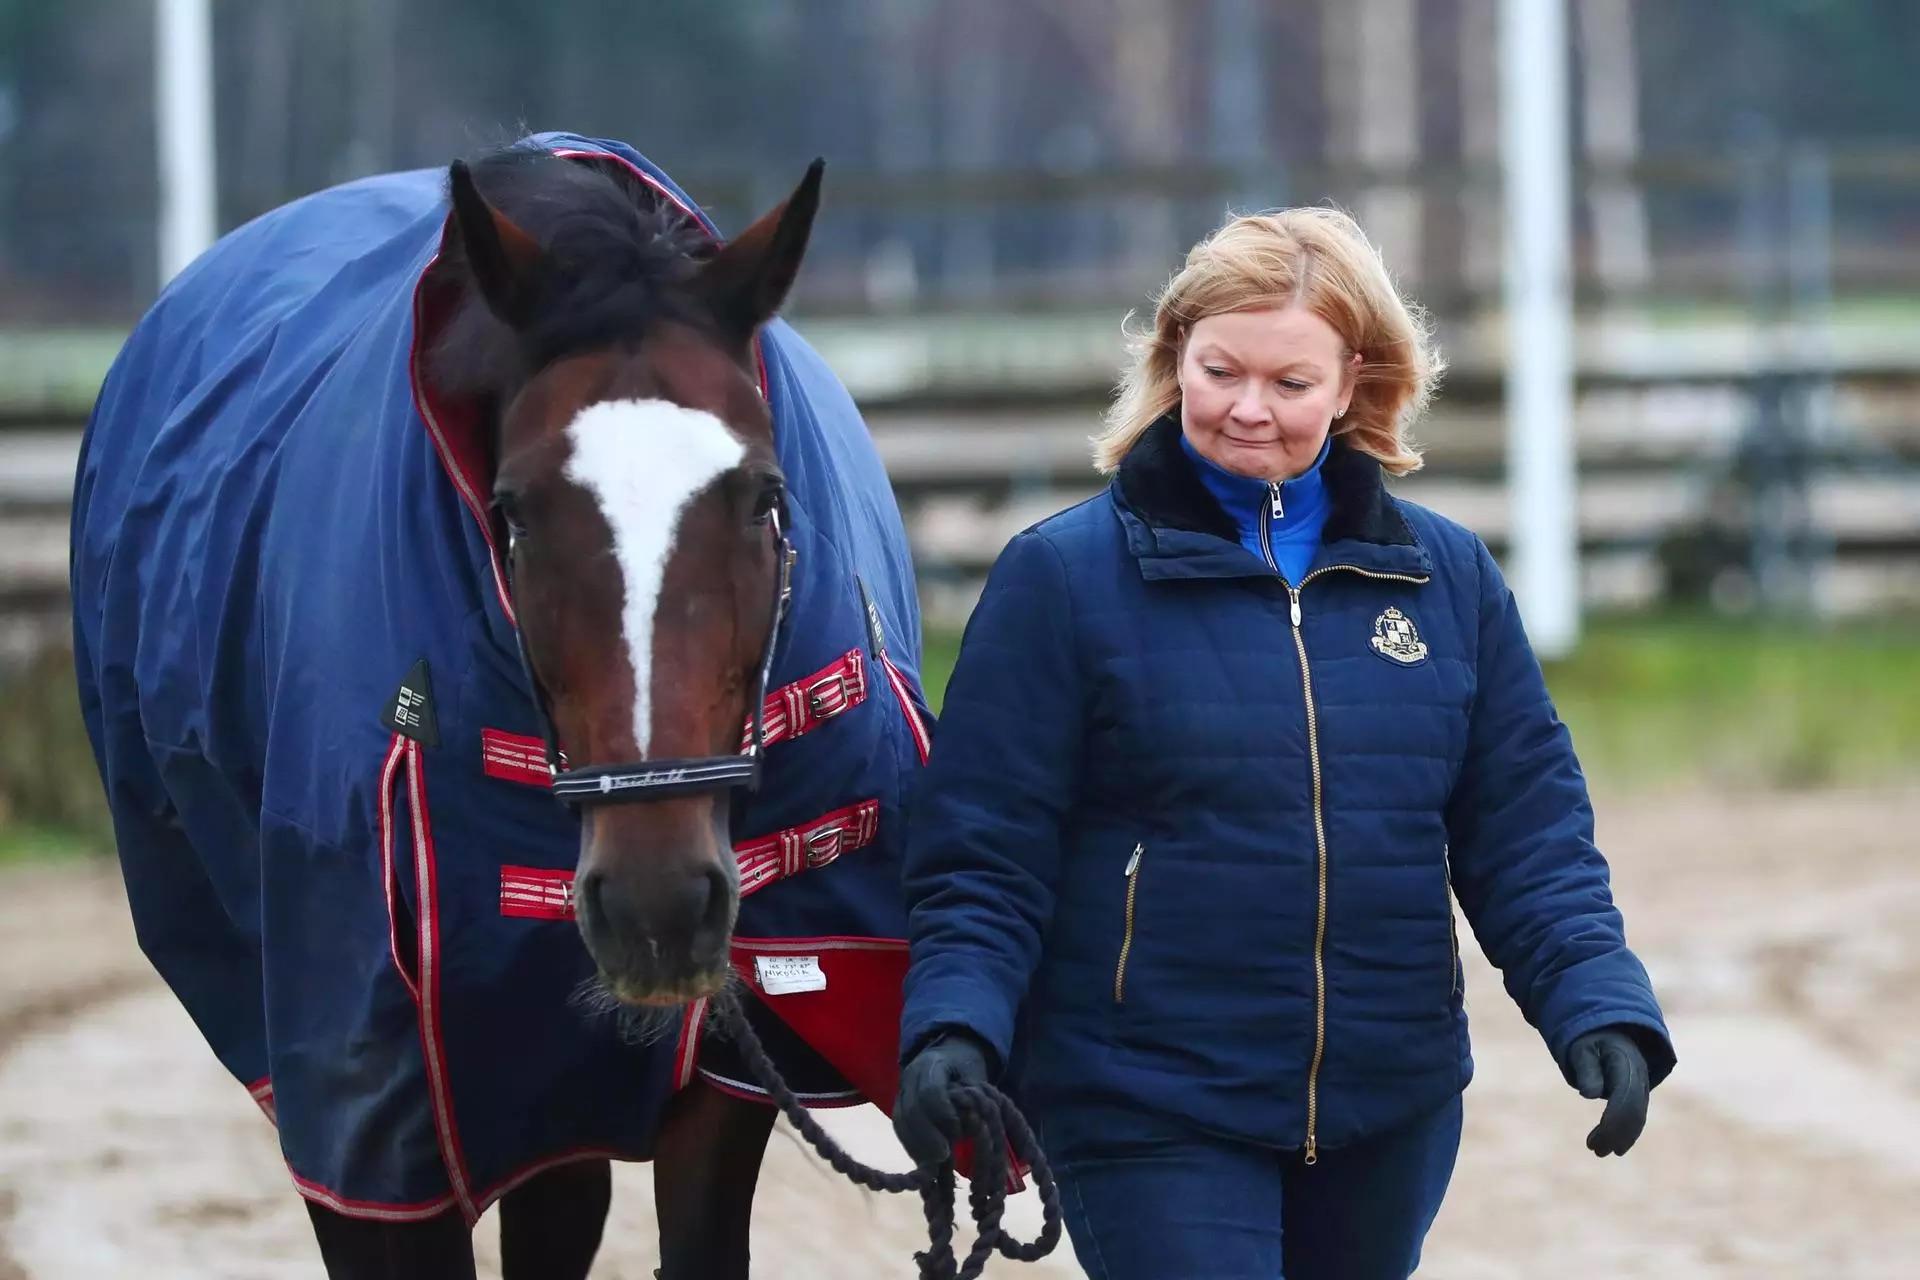 Kuva: Pro Tuomarinkylä -liikkeen puheenjohtaja Anu Heinonen johdatti Niosia-hevosta.(KUVA:SAMI KERO / HS)